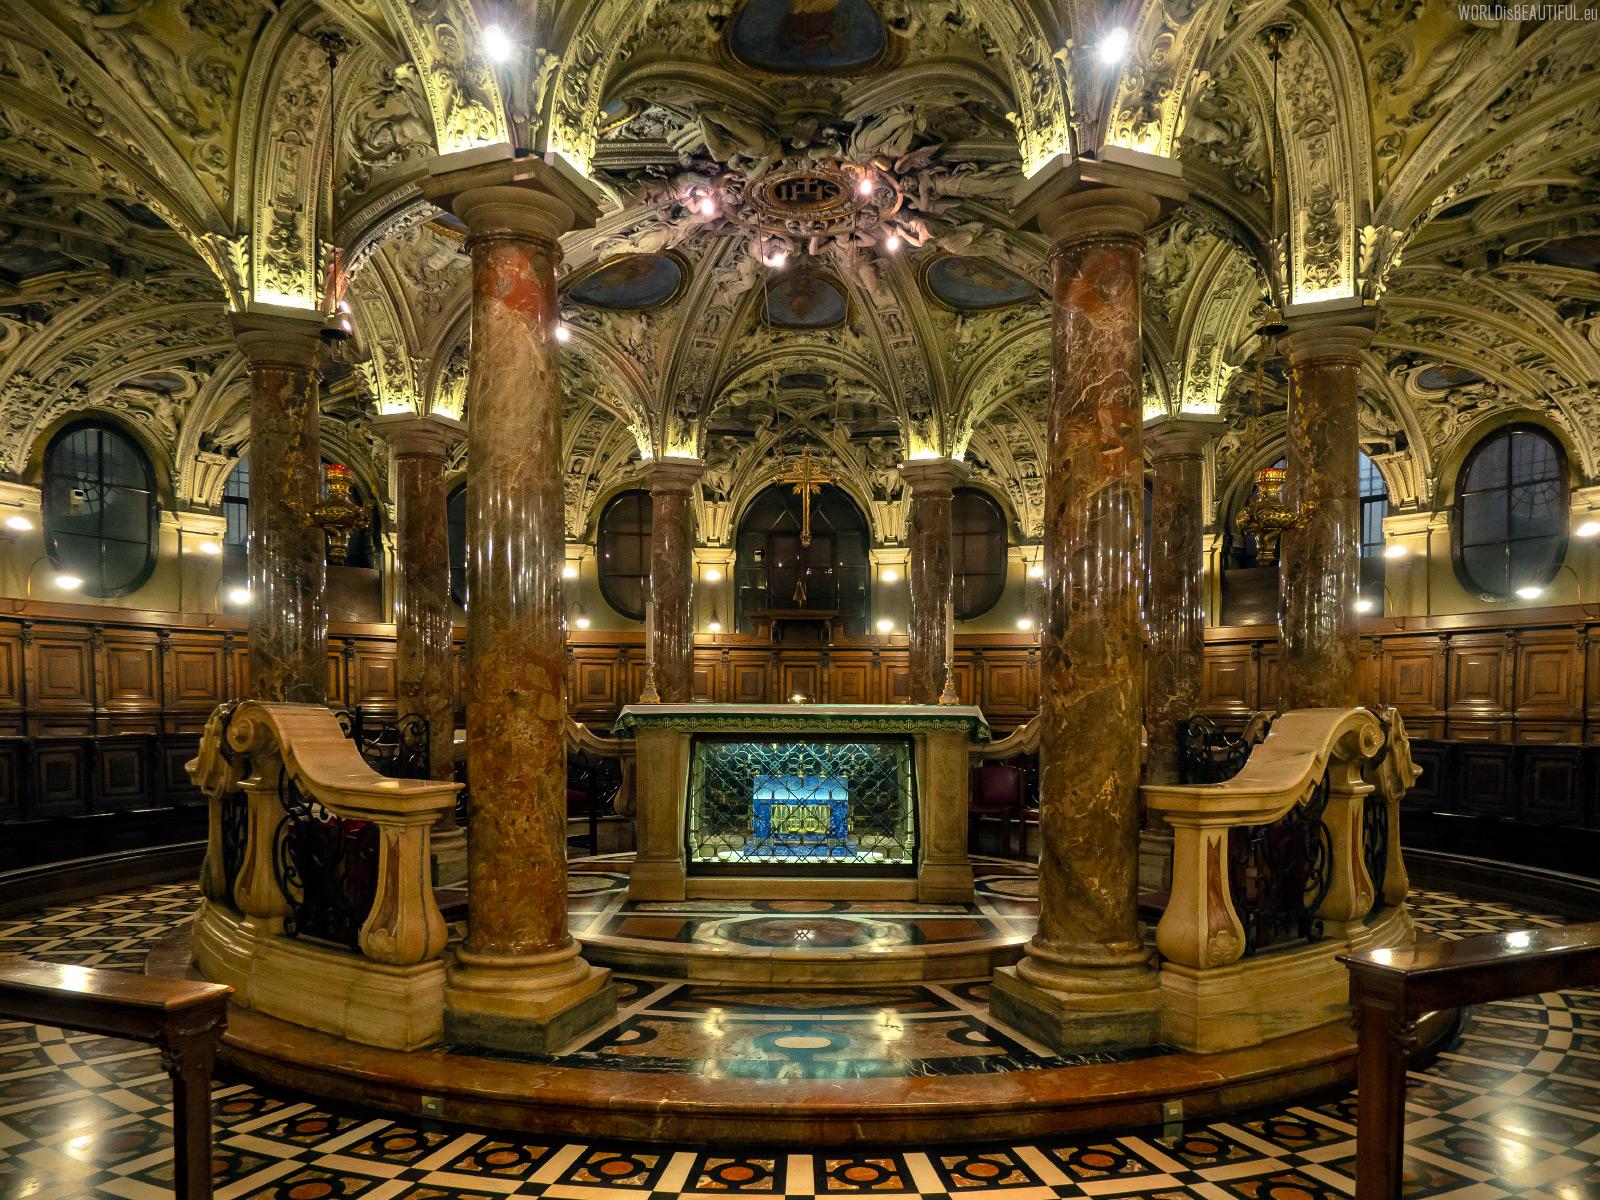 Crypt under the main altar